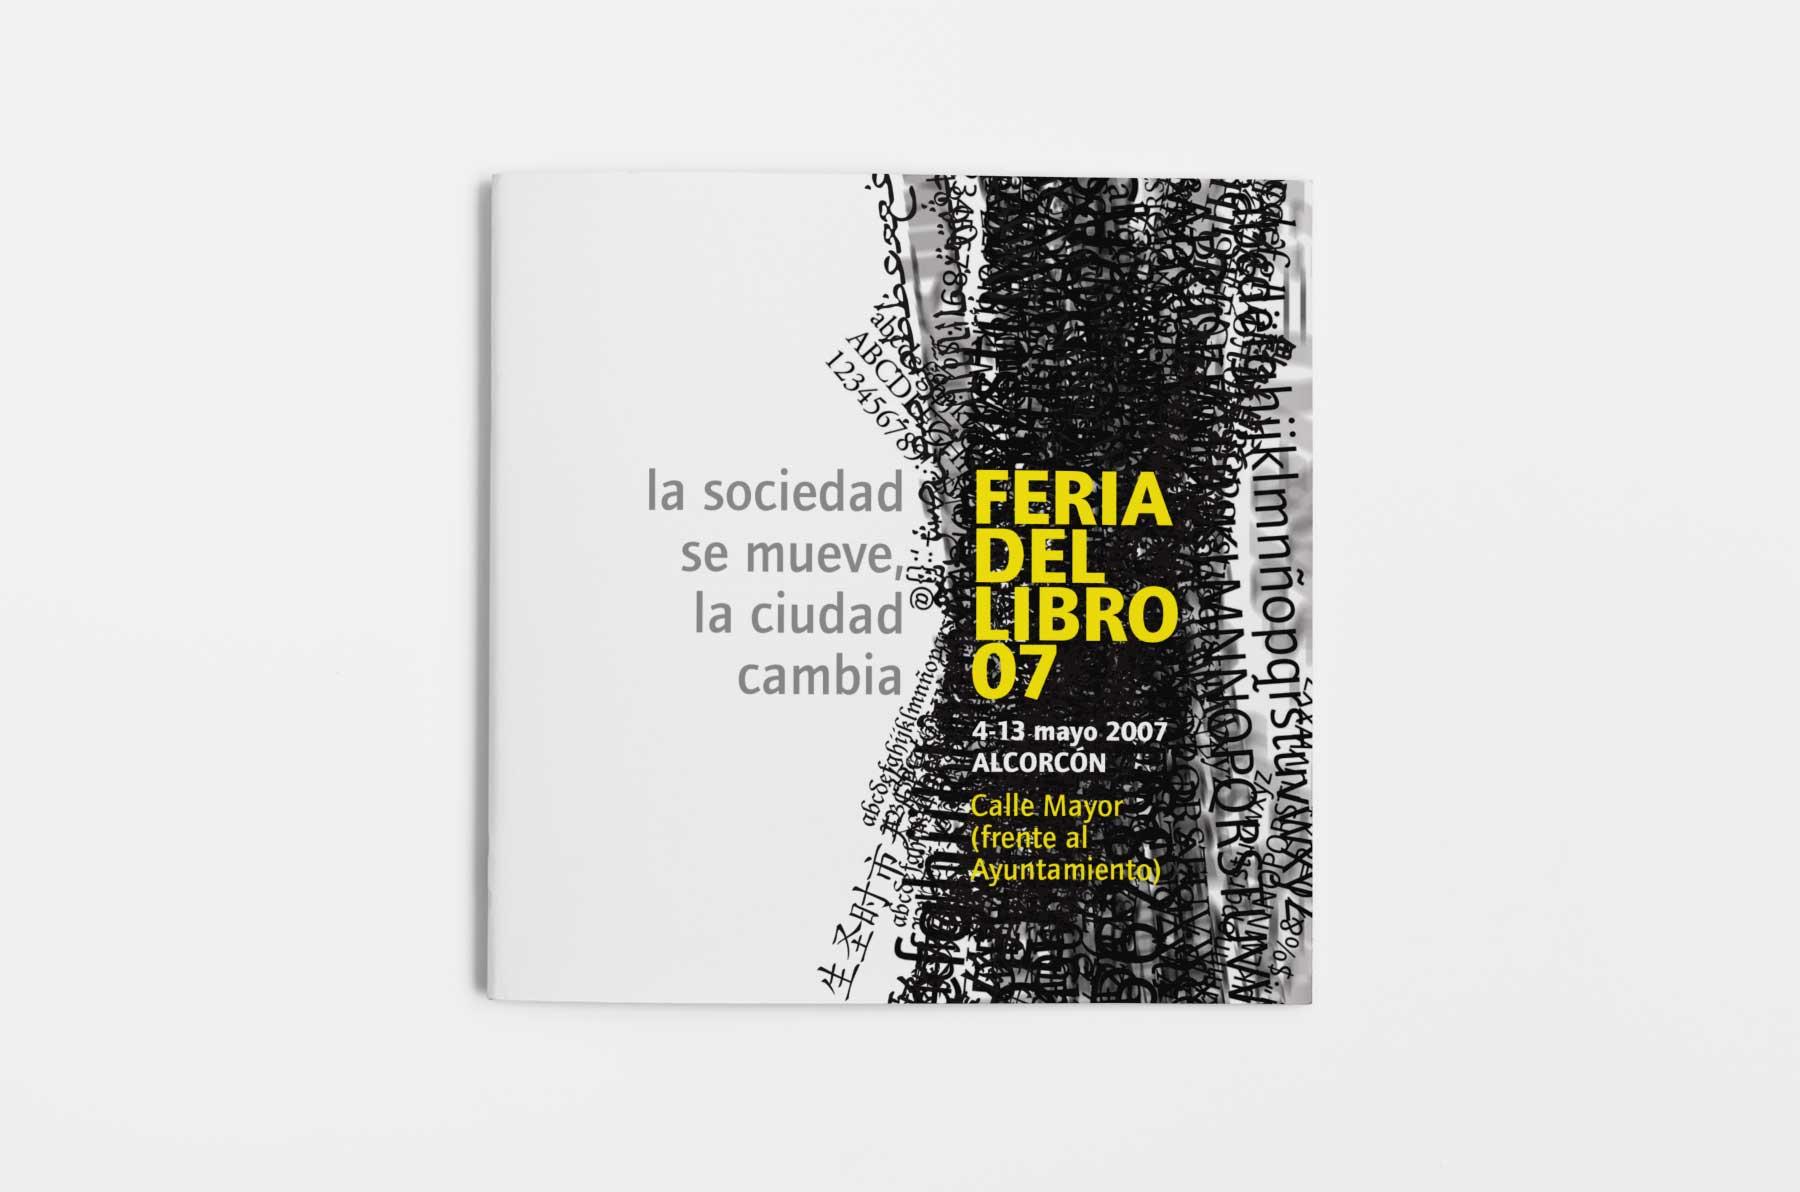 feria_libro07_05